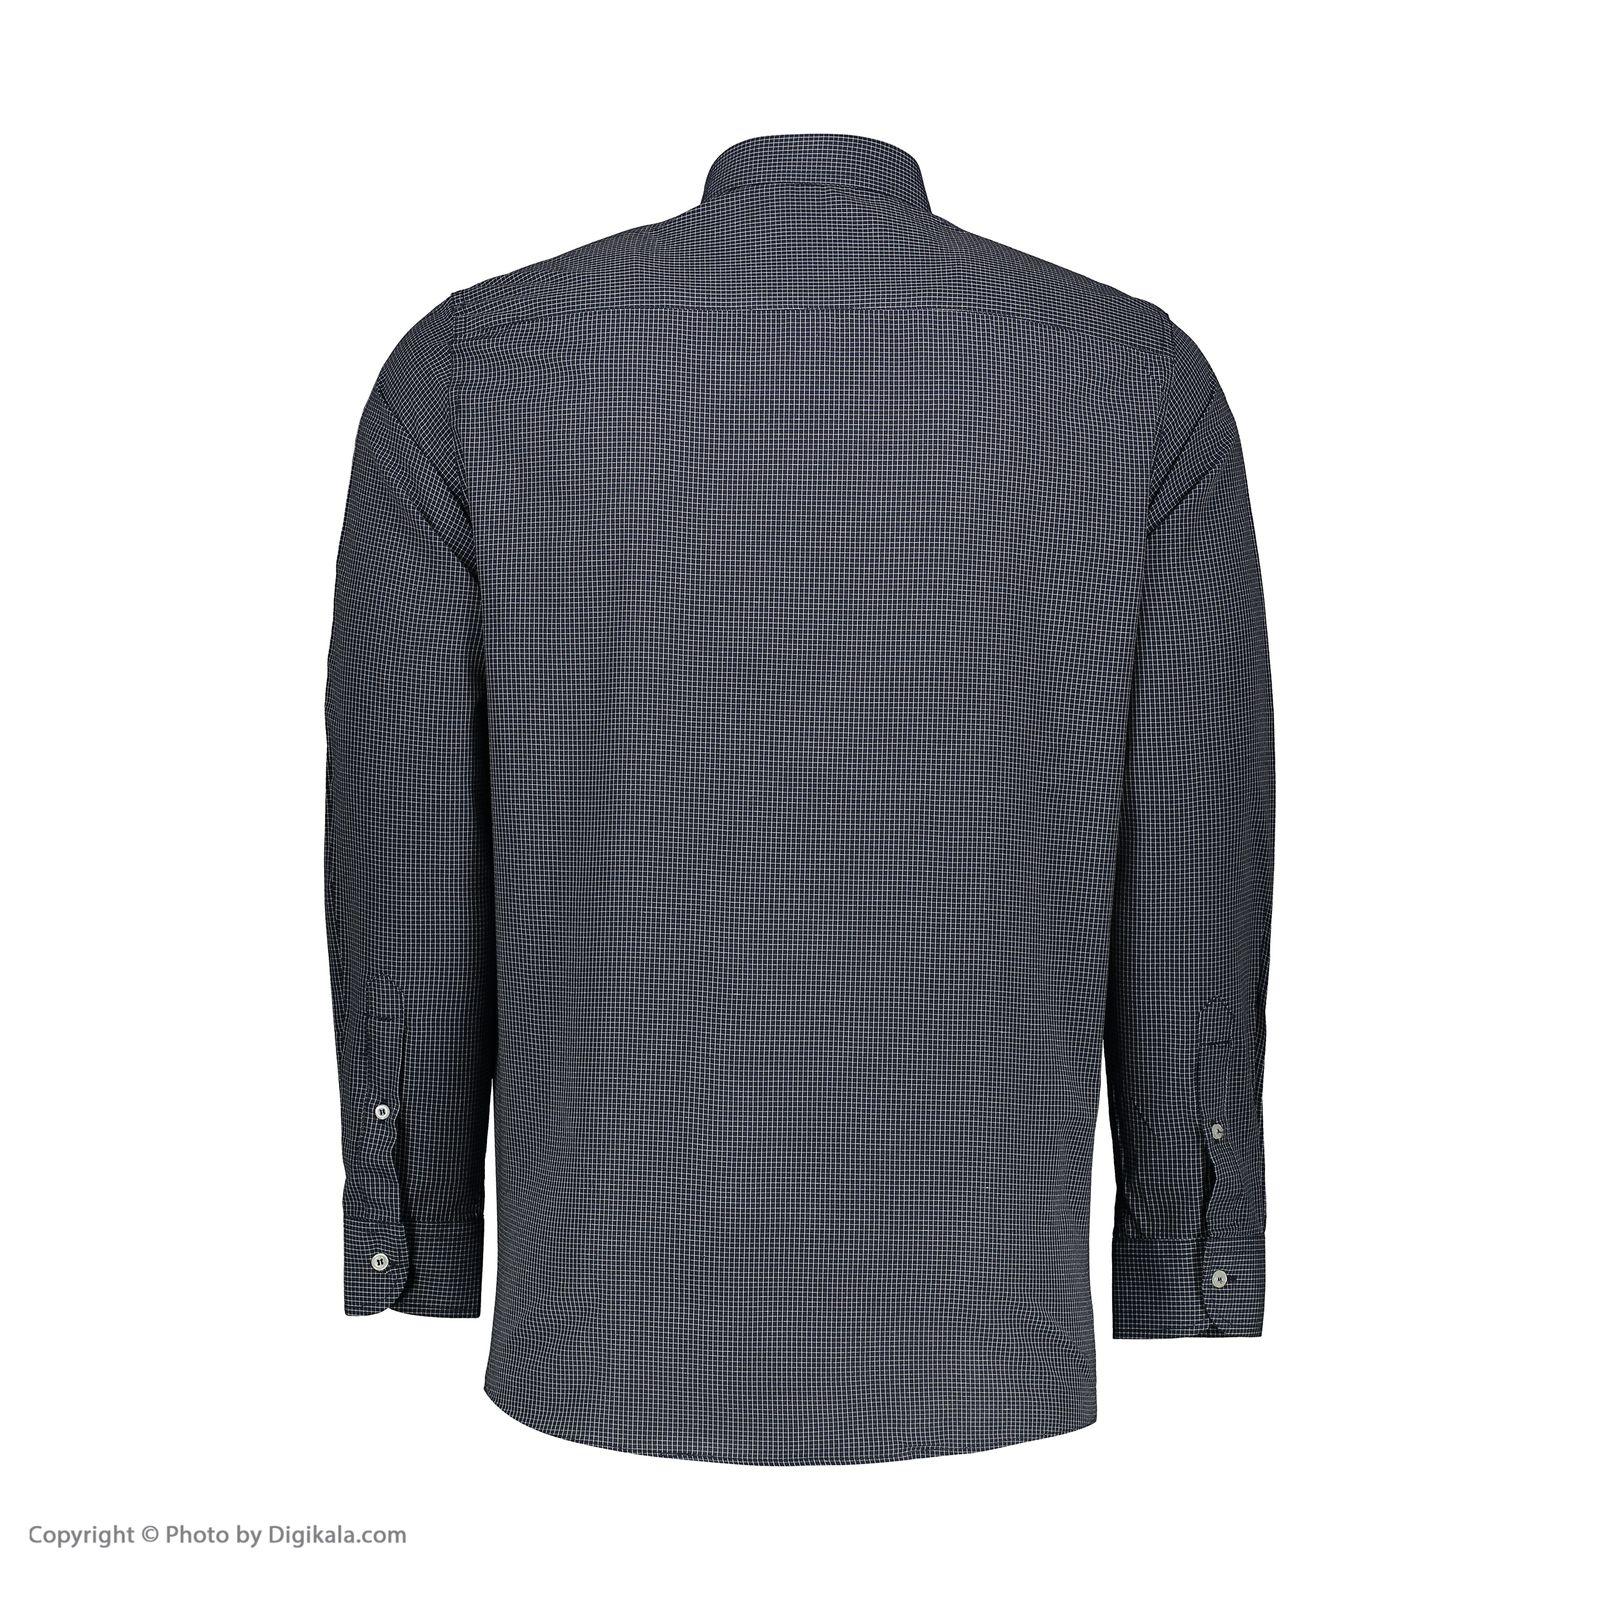 پیراهن مردانه زی مدل 15311855901 -  - 4